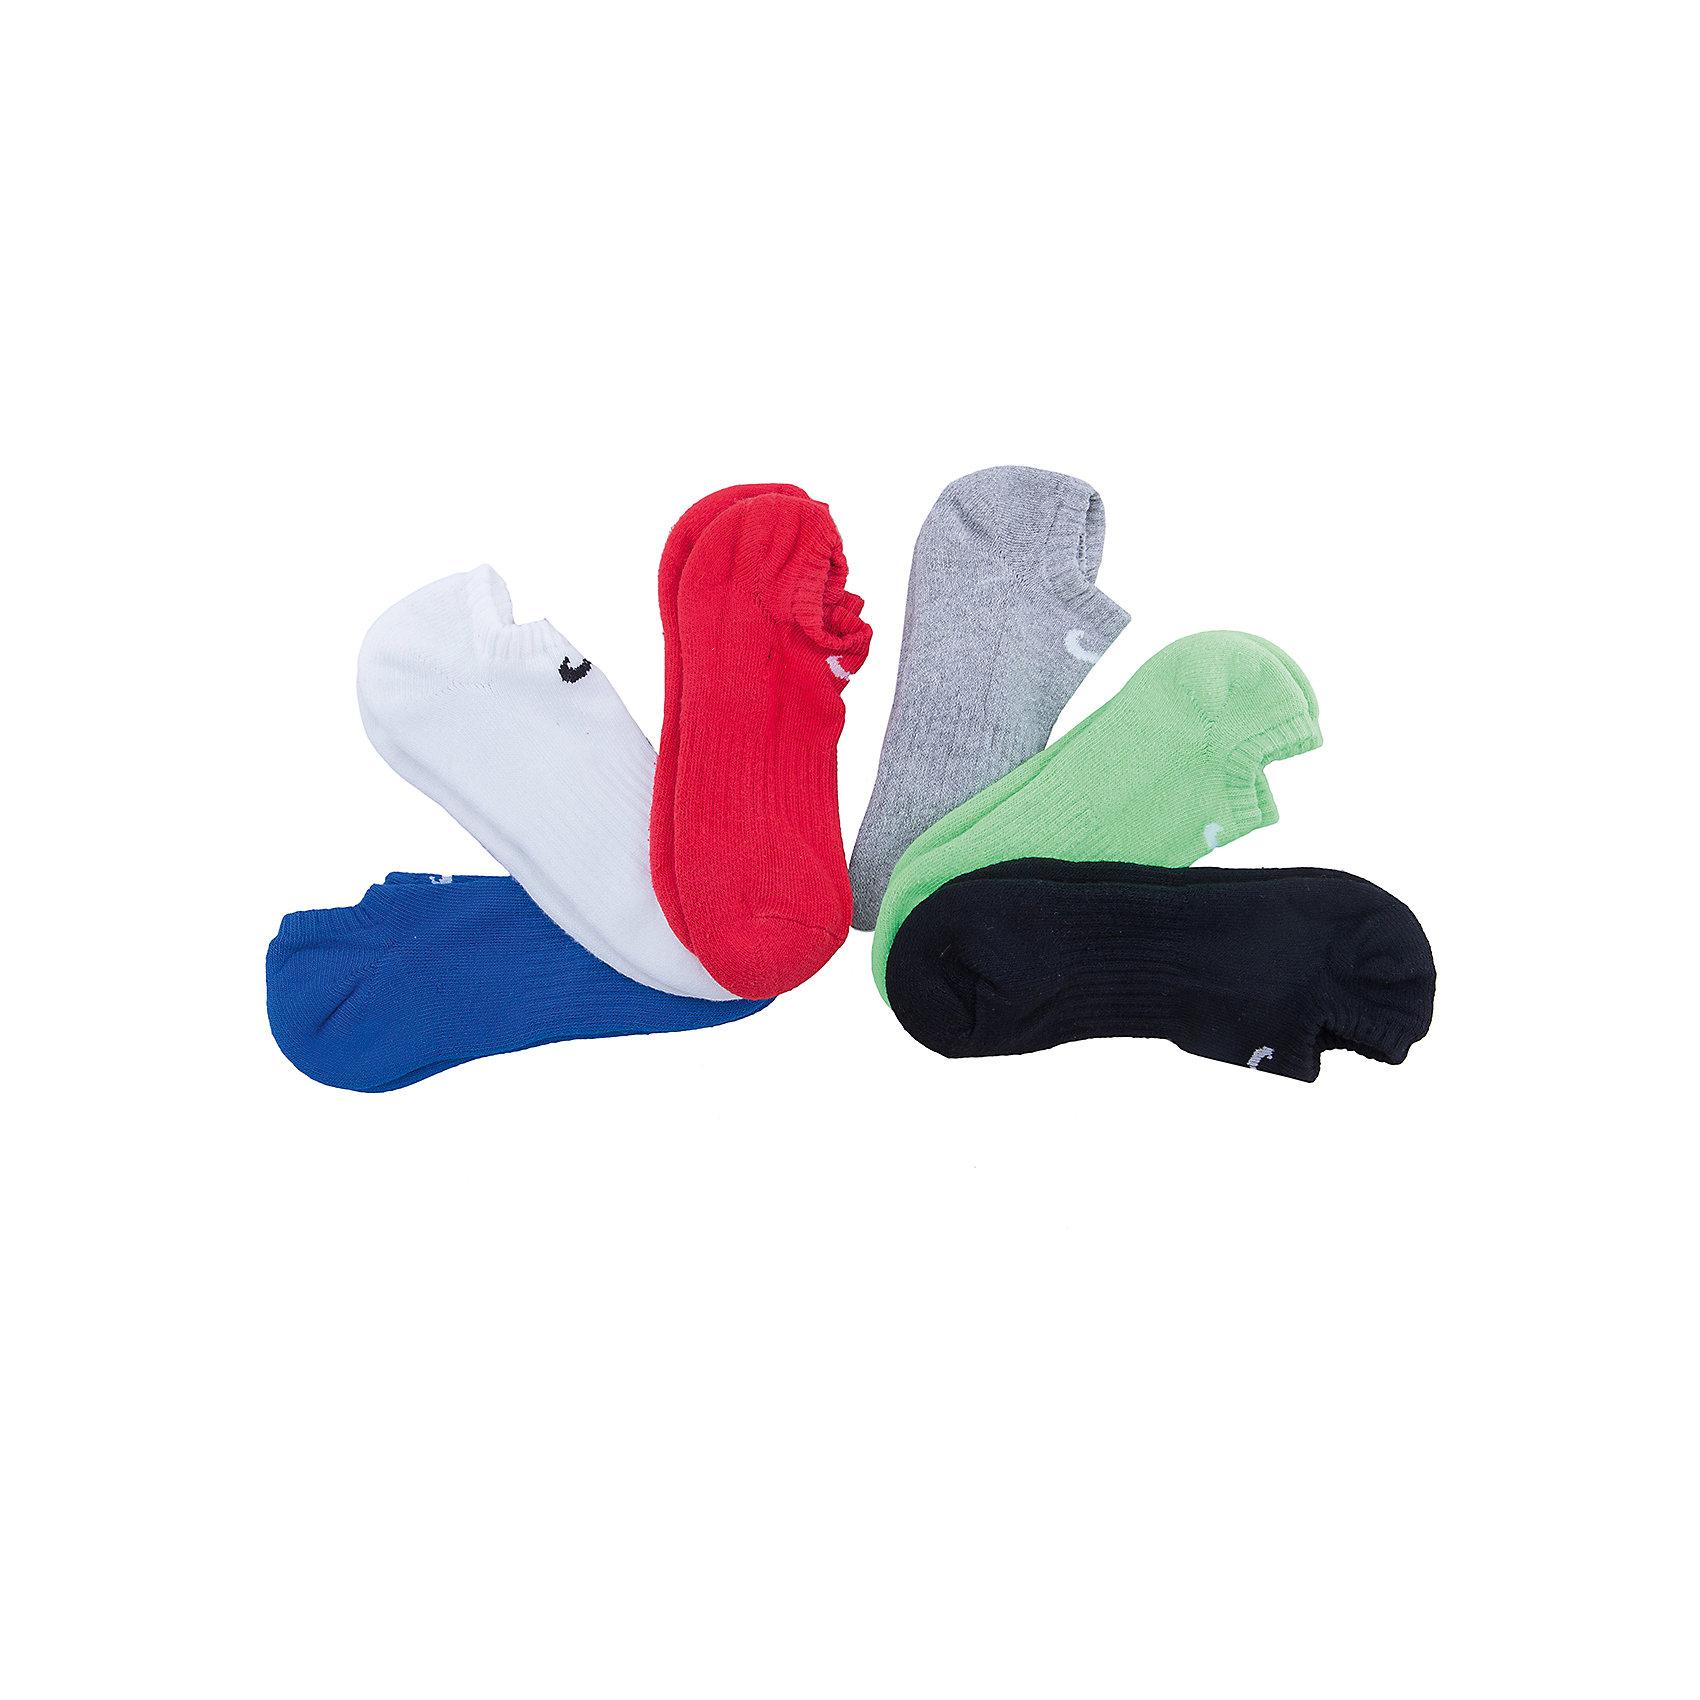 Носки NIKEСпортивная форма<br>Характеристики товара:<br><br>• цвет: разноцветный<br>• комплектация: 6 пар<br>• спортивный стиль<br>• состав: хлопок 74%, полиэстер 24%, эластан 2%<br>• мягкая резинка<br>• комфортная посадка <br>• укрепленная пятка и носок надежно <br>• логотип<br>• машинная стирка<br>• износостойкий материал<br>• страна бренда: США<br>• страна изготовитель: Пакистан <br><br>Продукция бренда NIKE известна высоким качеством и уникальным узнаваемым дизайном. Удобная посадка не сковывает движения, помогает создать для тела необходимую вентиляцию и вывод влаги.<br><br>Материал обеспечивает вещам долгий срок службы и отличный внешний вид даже после значительного количества стирок. Уход за изделием прост - достаточно машинной стирки на низкой температуре.<br><br>Качественный материал создает комфортную посадку, вещь при этом смотрится очень стильно. Благодаря универсальному цвету она отлично смотрится с разной одеждой и обувью.<br><br>Носки NIKE (Найк) можно купить в нашем интернет-магазине.<br><br>Ширина мм: 87<br>Глубина мм: 10<br>Высота мм: 105<br>Вес г: 115<br>Цвет: разноцветный<br>Возраст от месяцев: 168<br>Возраст до месяцев: 1188<br>Пол: Унисекс<br>Возраст: Детский<br>Размер: 38-42<br>SKU: 6676777